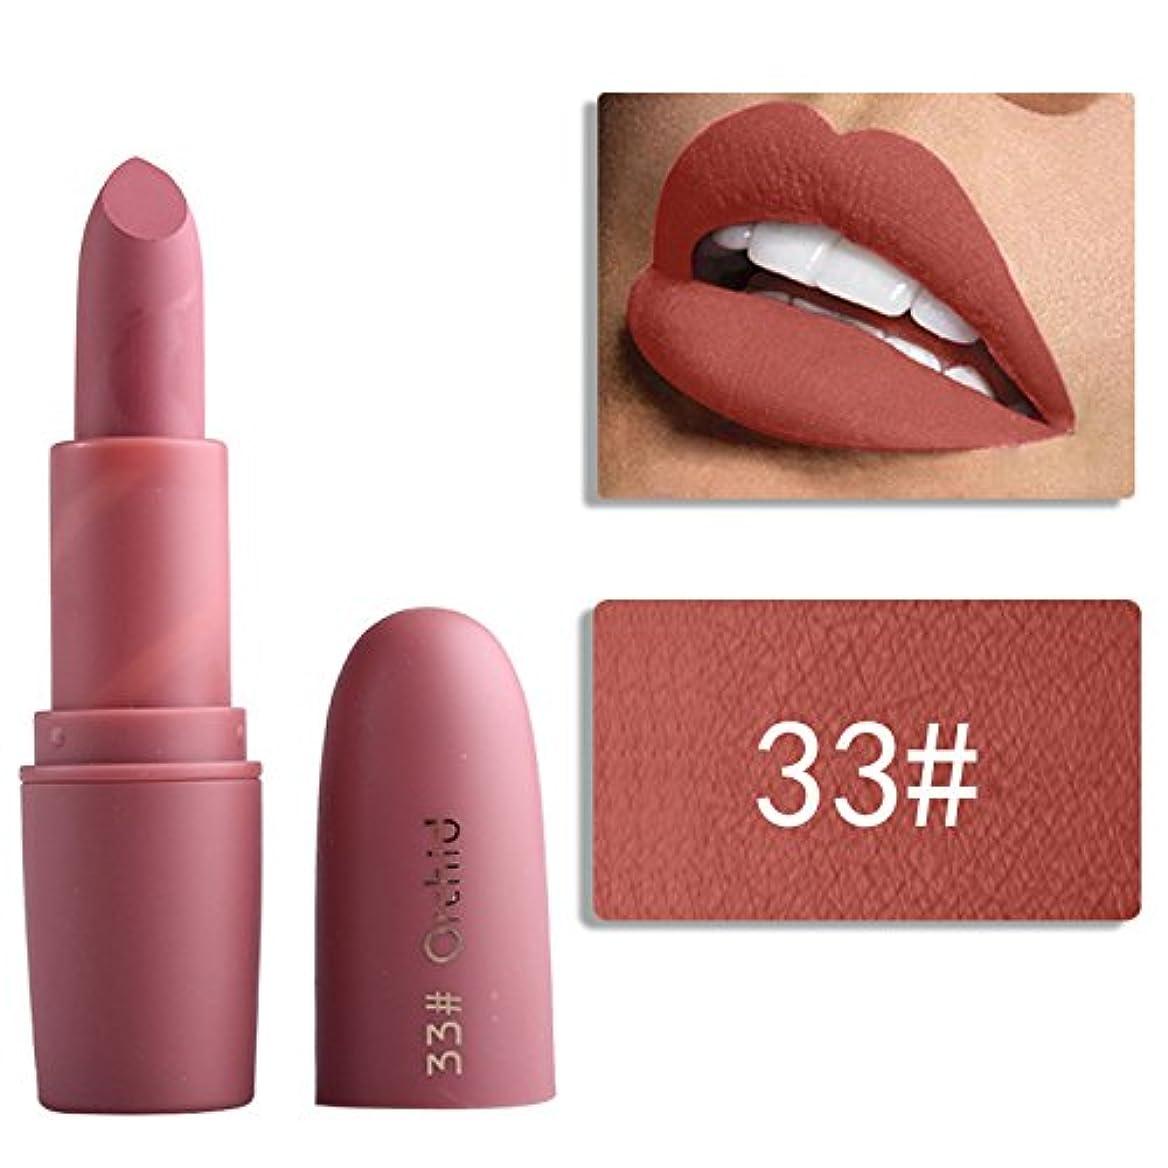 やるひねり大統領Miss Rose Nude Lipstick 22 colors Waterproof Vampire Brown Beauty Baby Lips Batom Matte lipstick Makeup Tats Eugenie Margherita